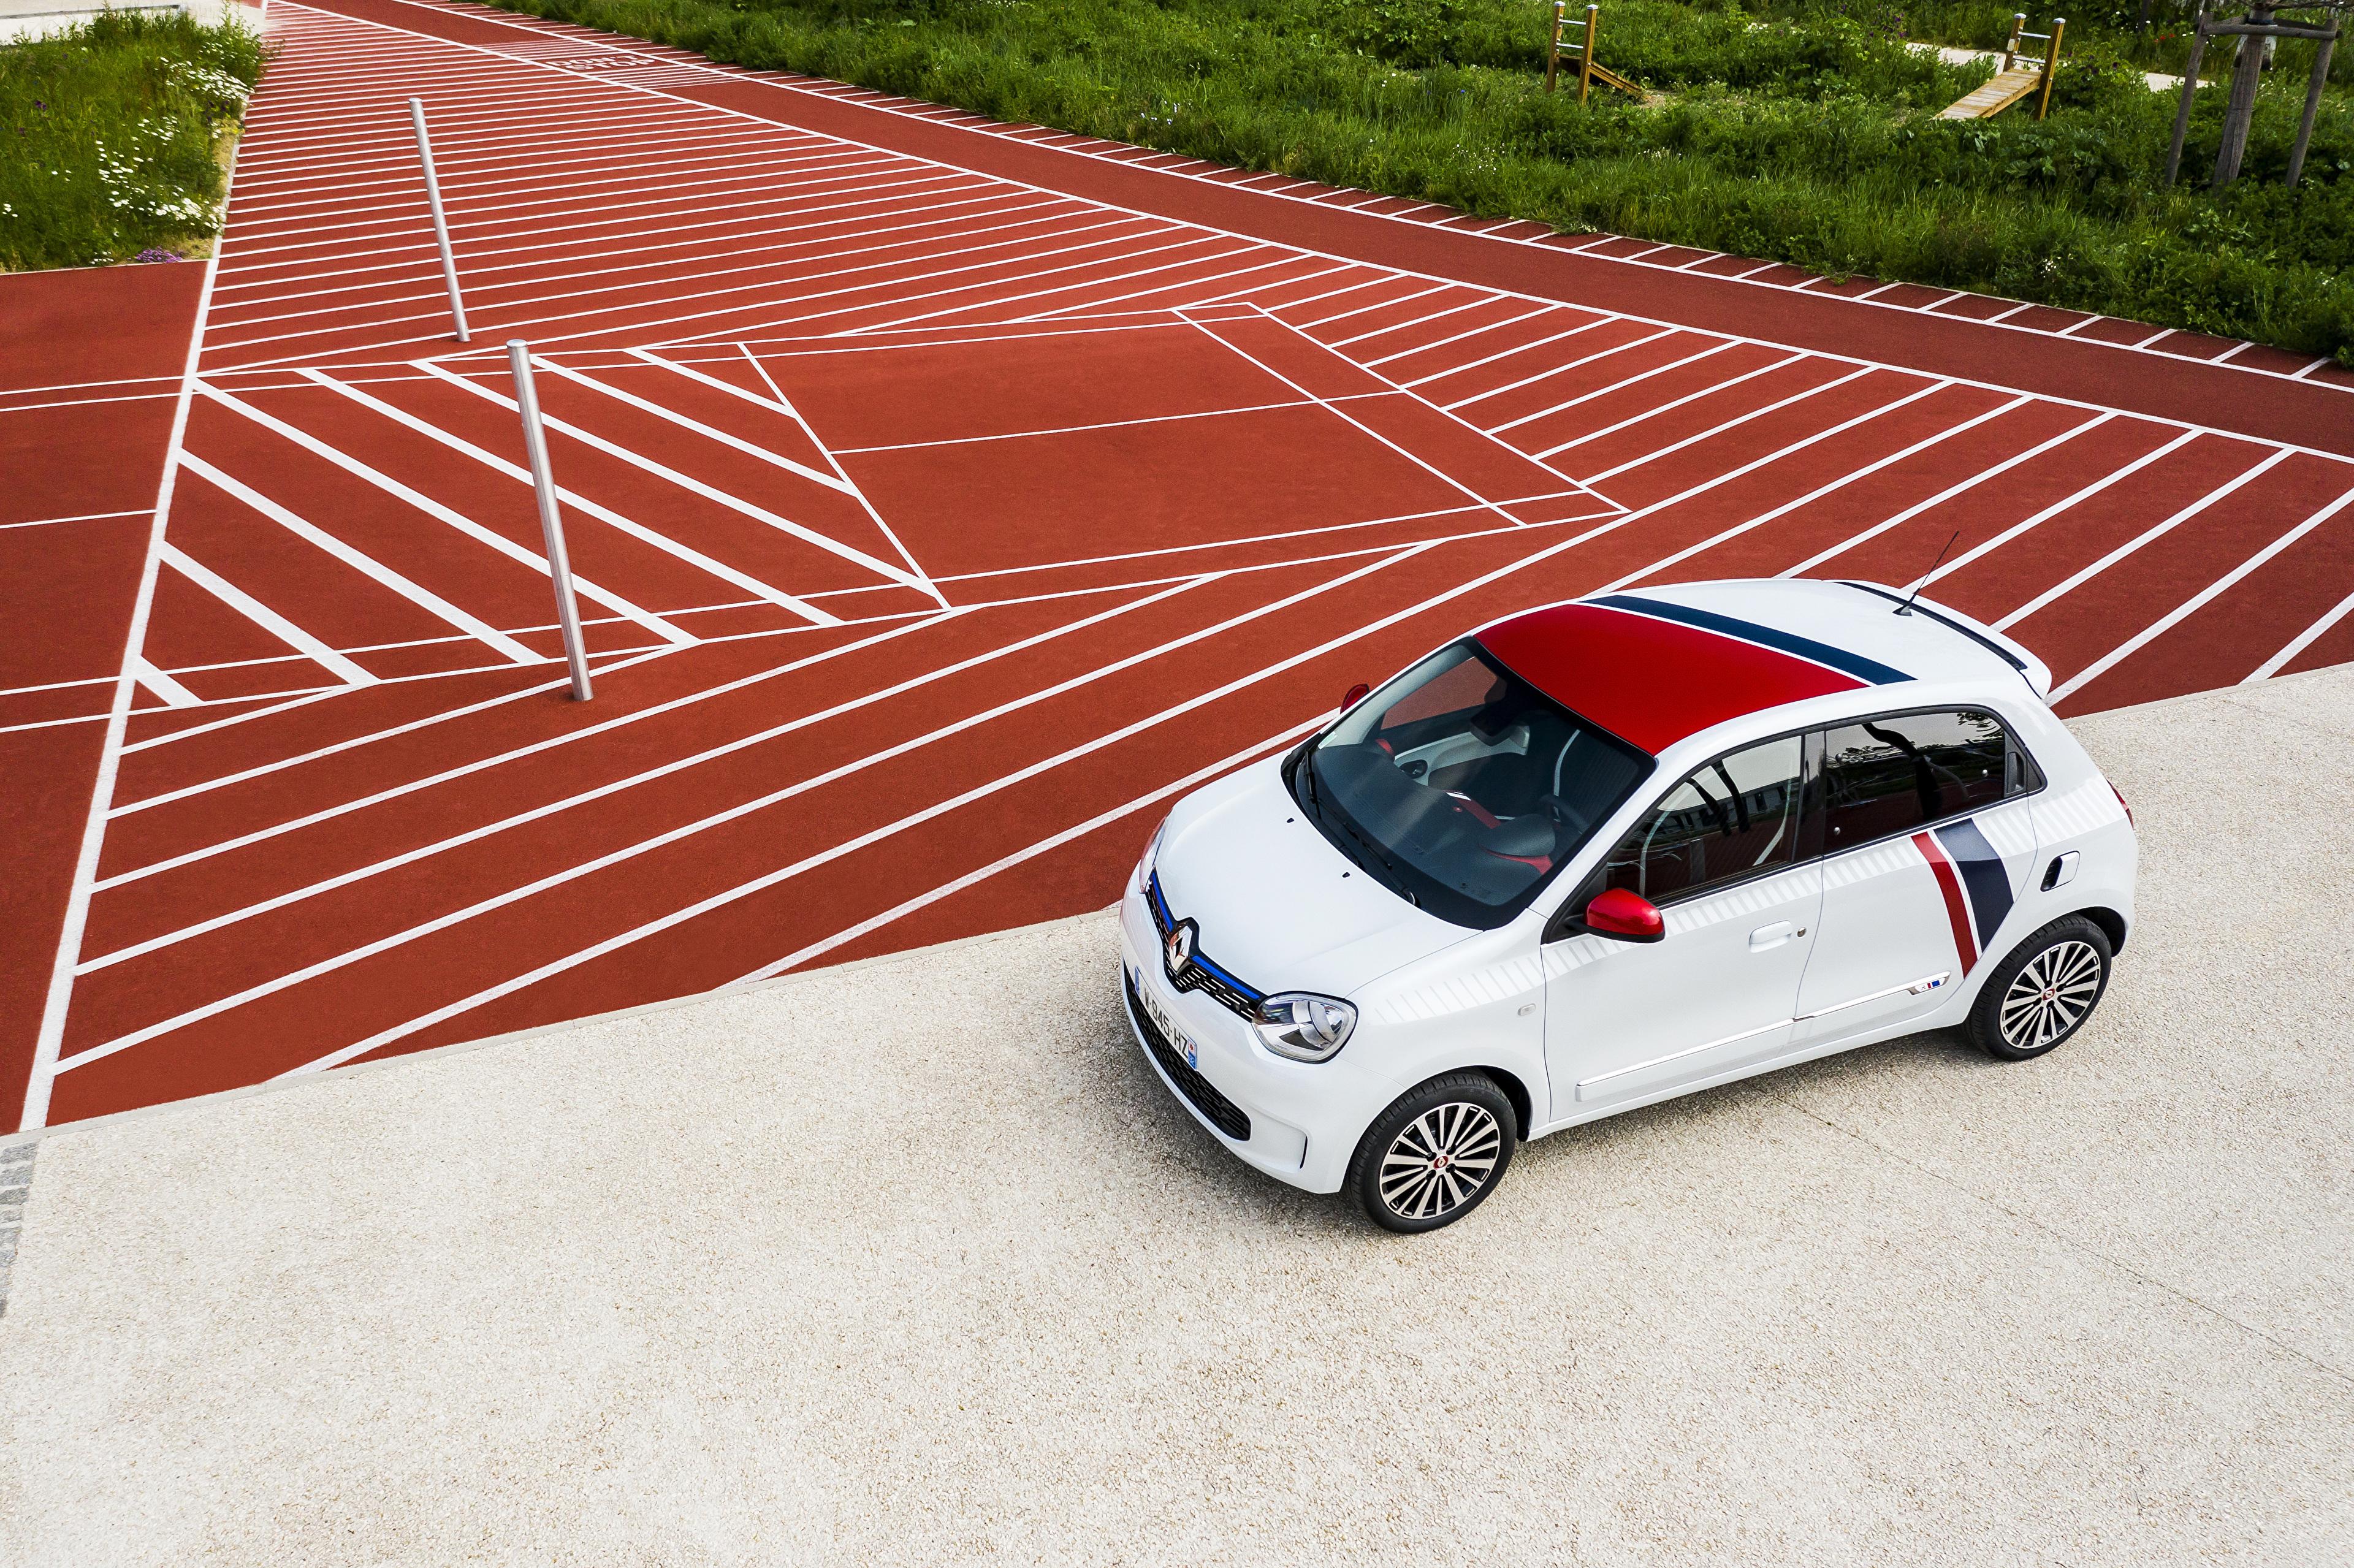 Photos Renault 2019 TWINGO Le Coq Sportif White automobile 3840x2558 Cars auto